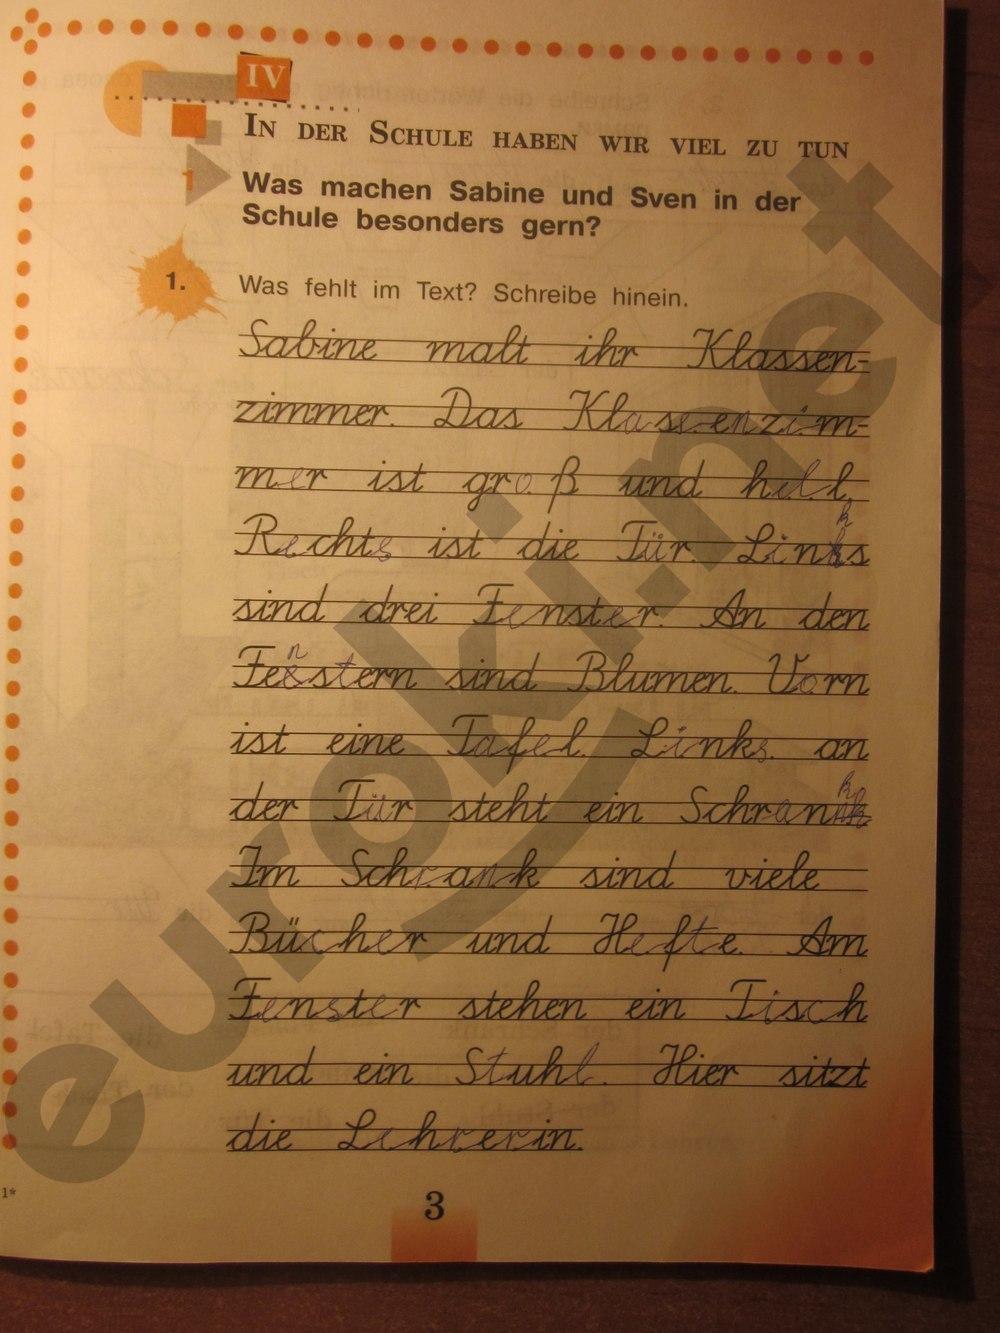 ГДЗ по немецкому языку 3 класс рабочая тетрадь Бим И.Л. Рыжова Л.И. Часть 2. Задание: стр. 3